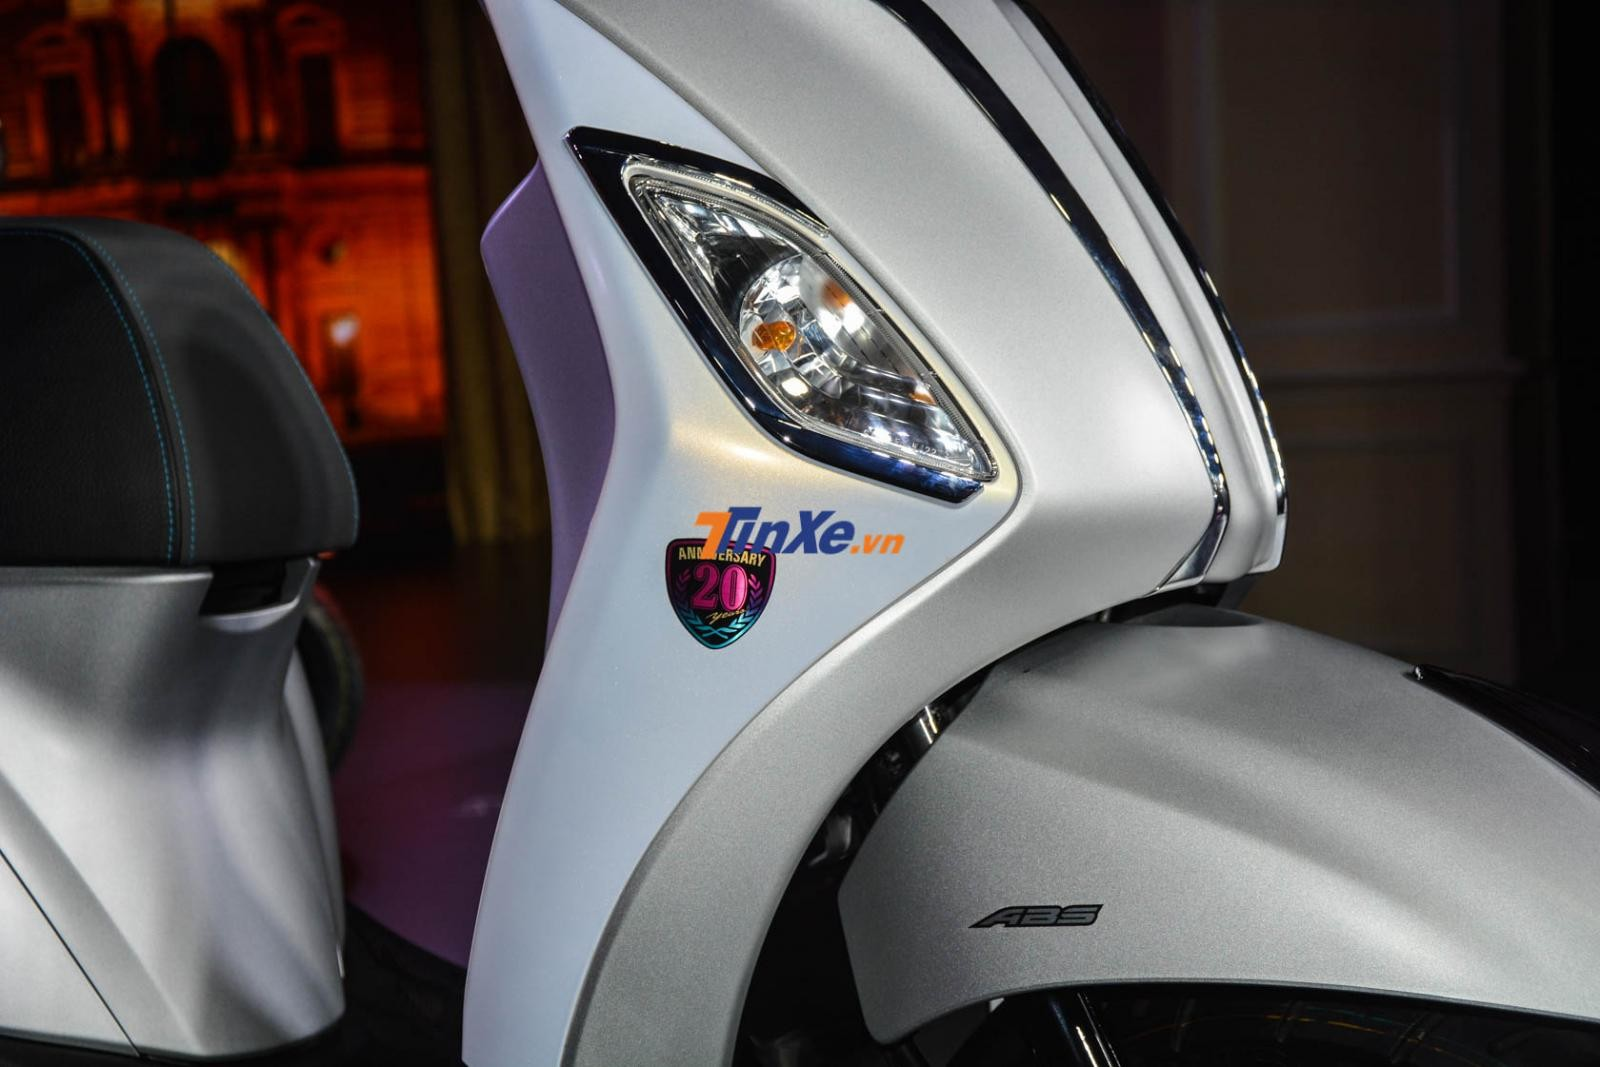 Logo Anniversary 20 Year như một dấu hiệu nhận biết đây là bản kỷ niệm 20 năm của Yamaha Grande Hybrid